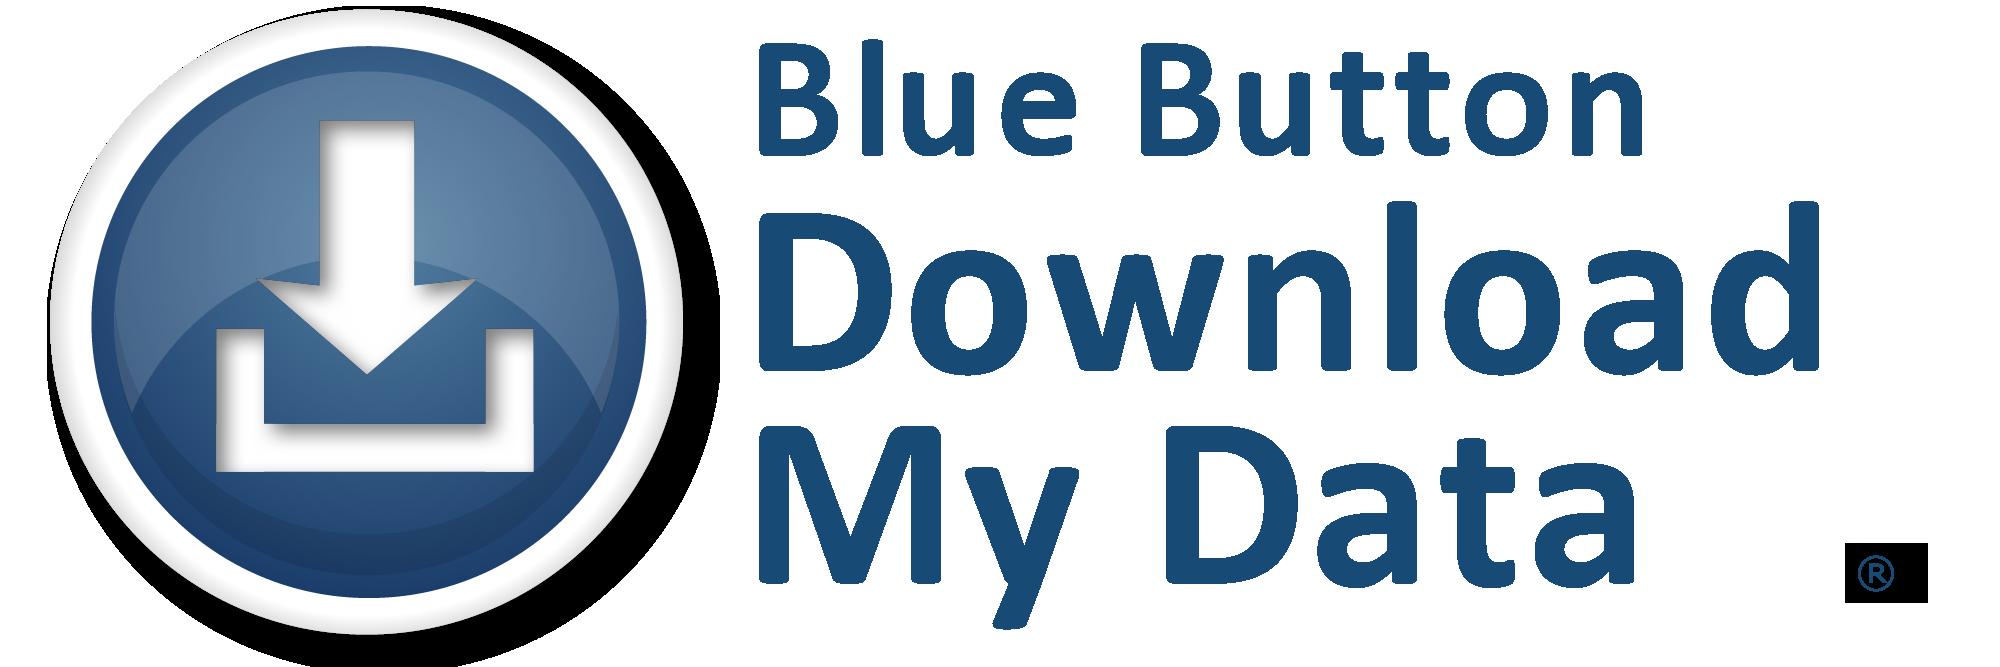 Blue Button - Wikipedia